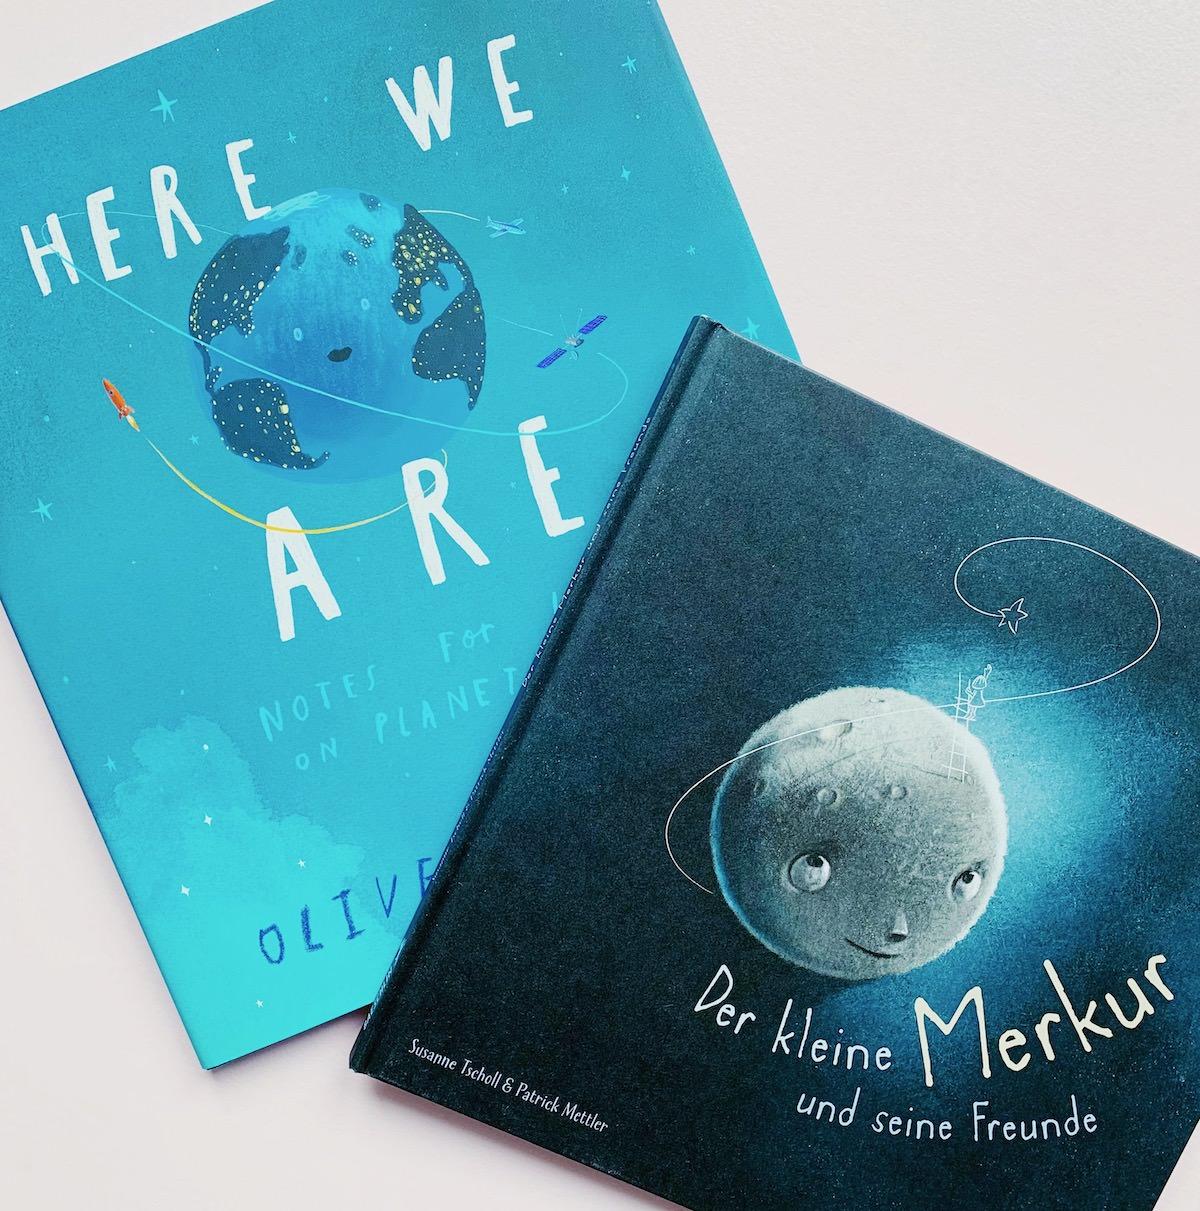 Astrologie Buch für Kinder